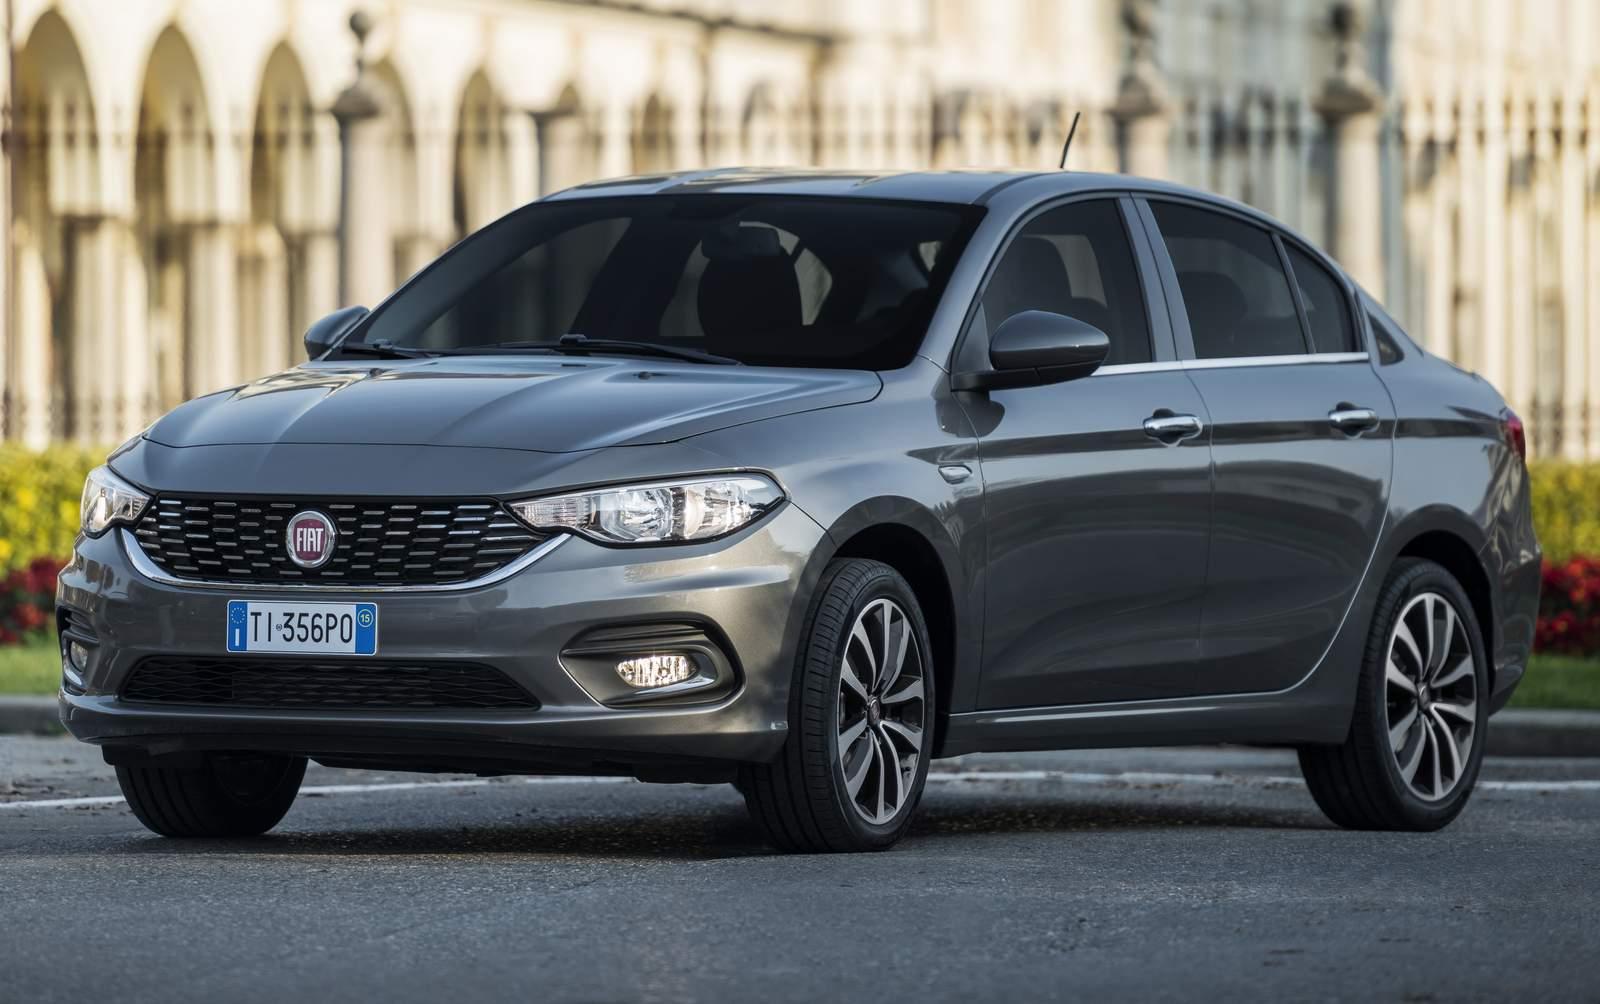 Novo Fiat Linea 2018